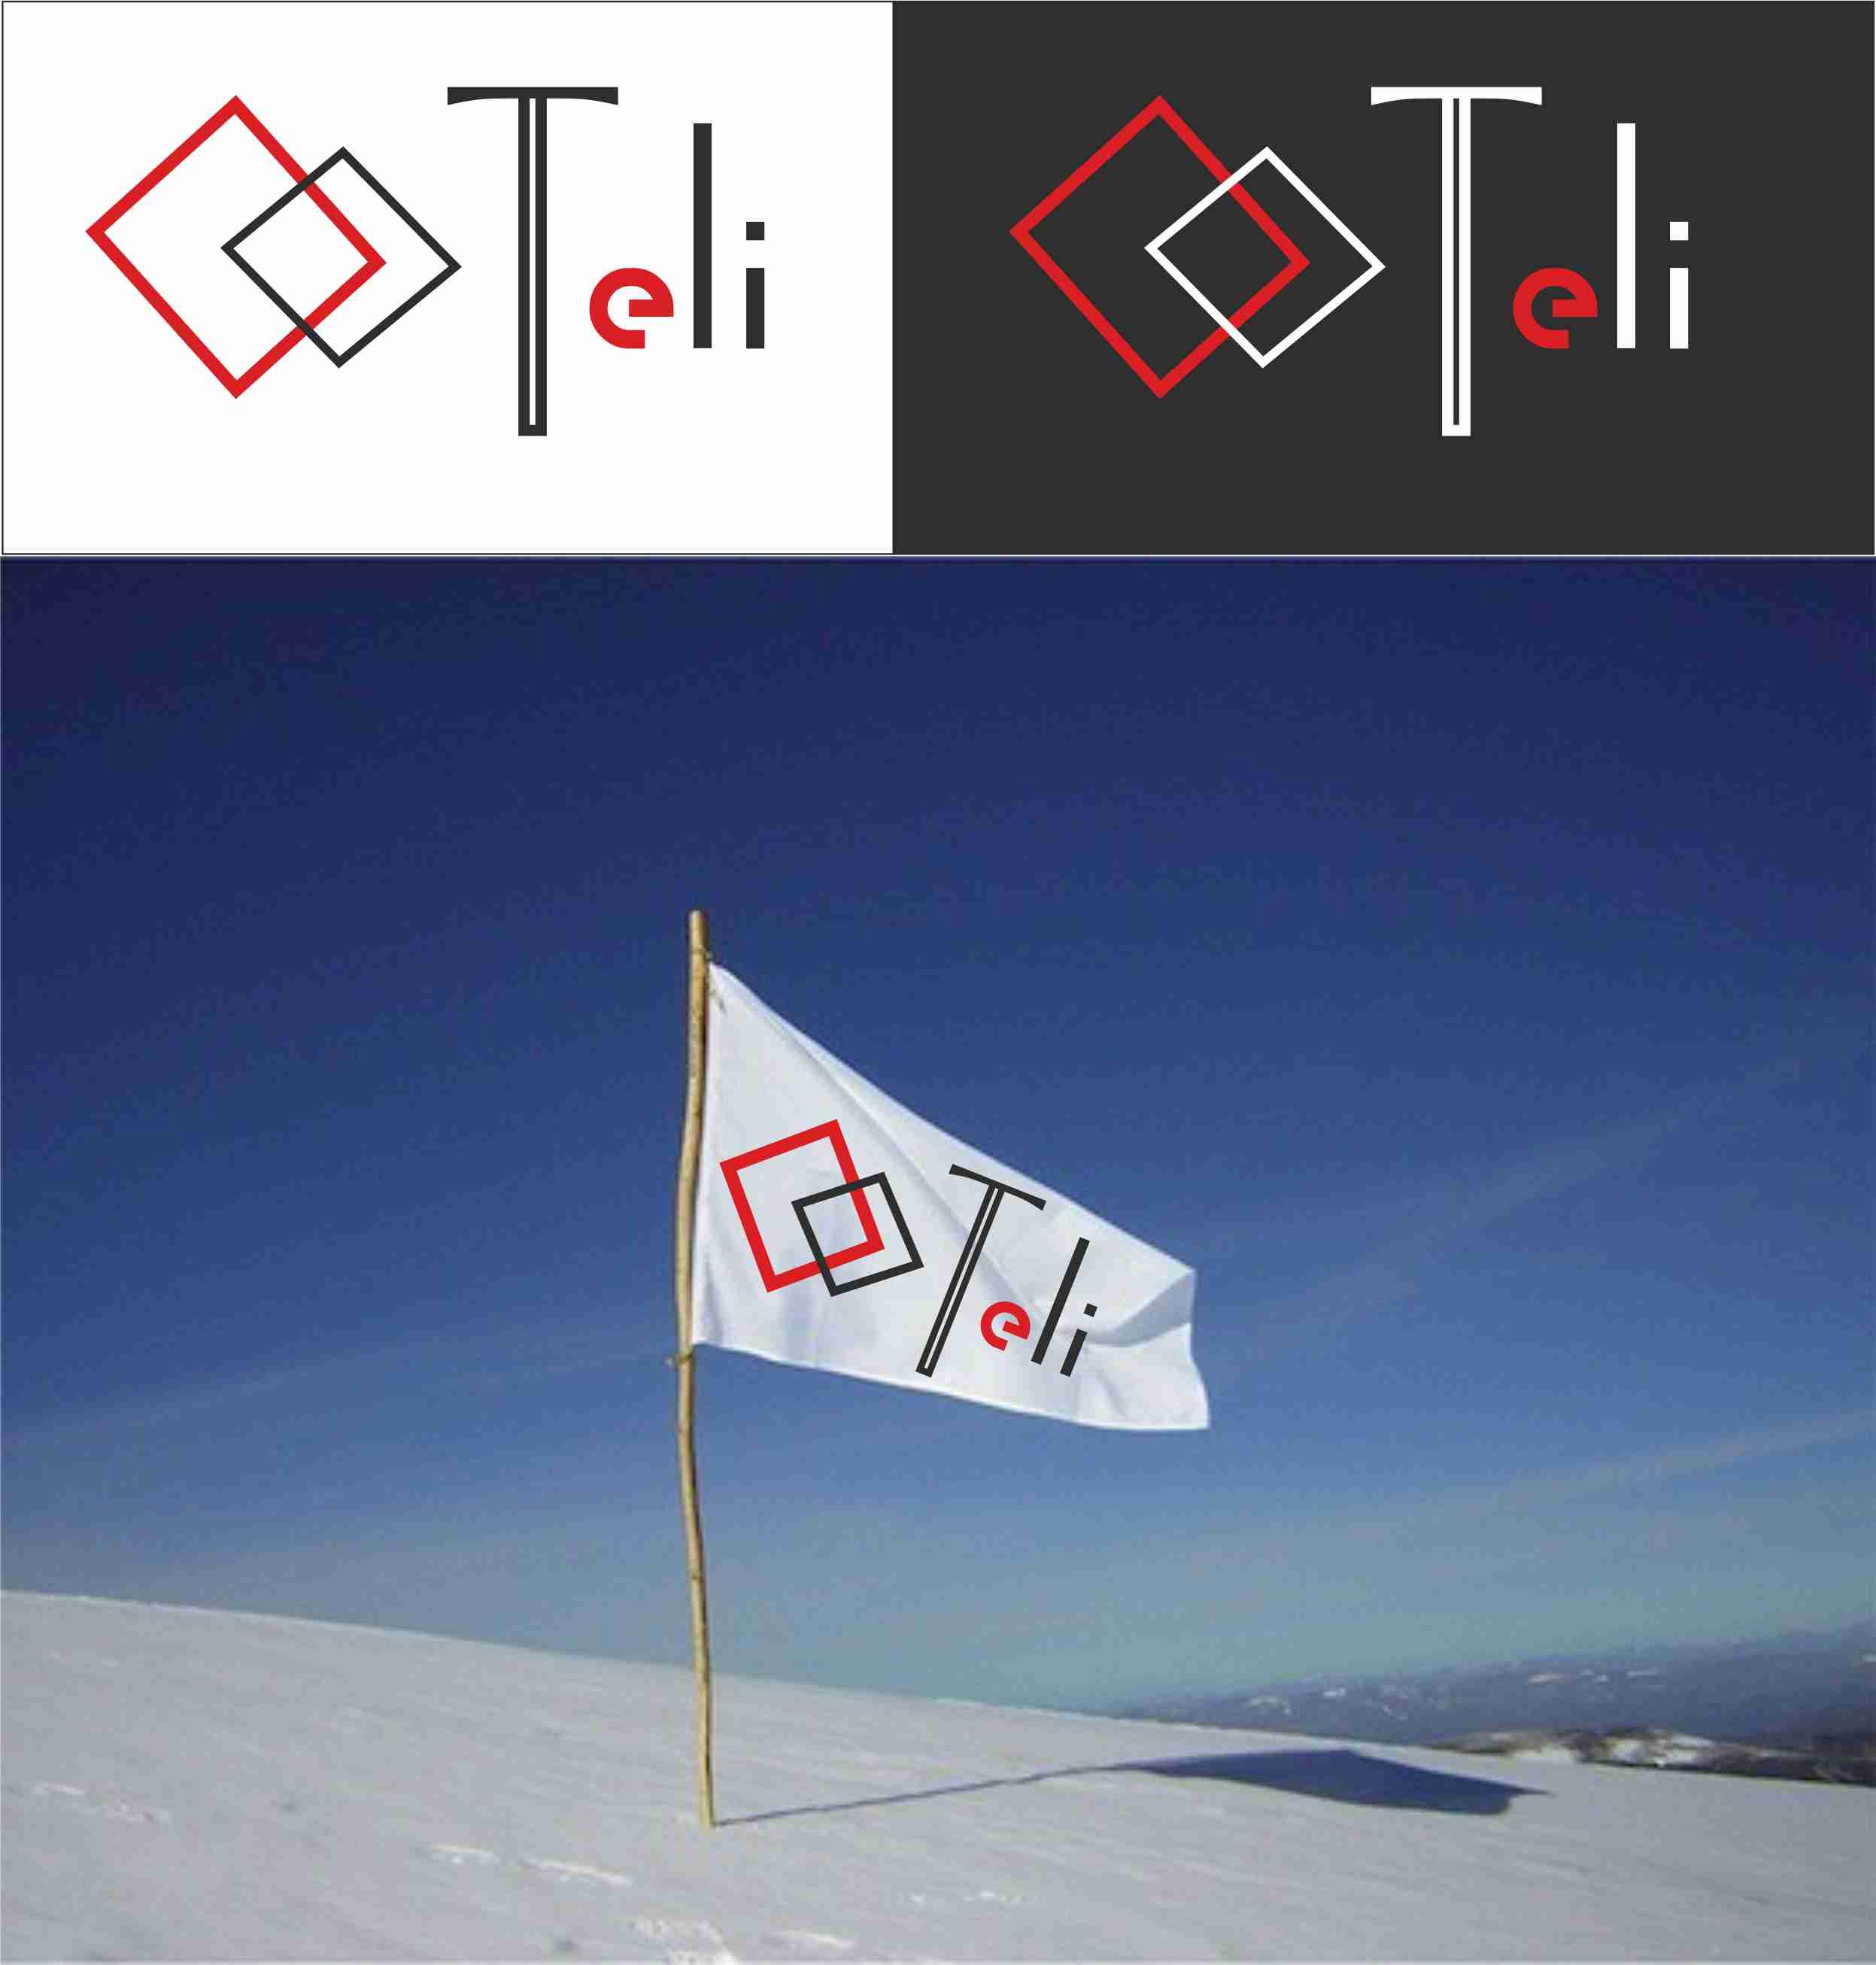 Разработка логотипа и фирменного стиля фото f_34858fcd43413d1a.jpg